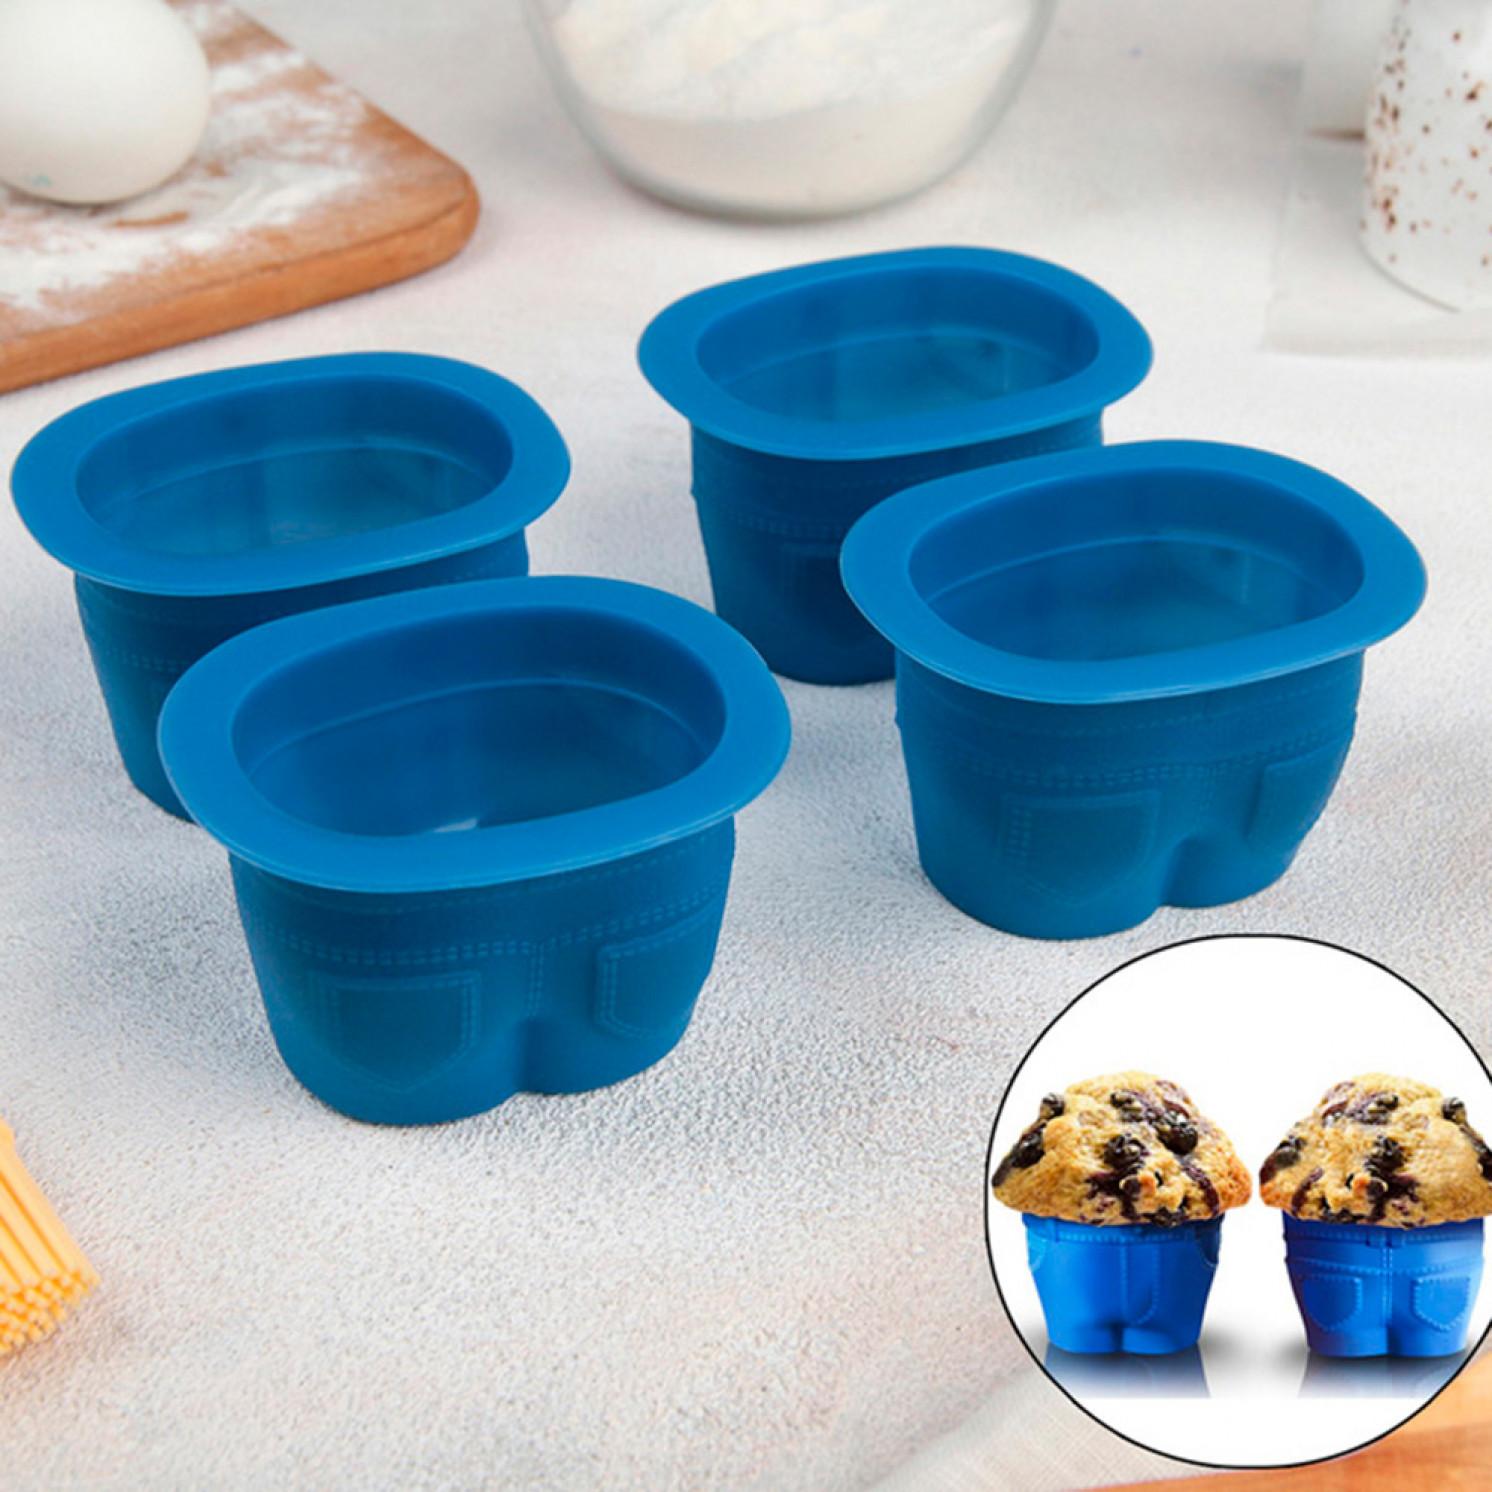 Набор форм для выпечки «Штаны», 7,6×5,5×4,4 см, 4 шт, цвет синий